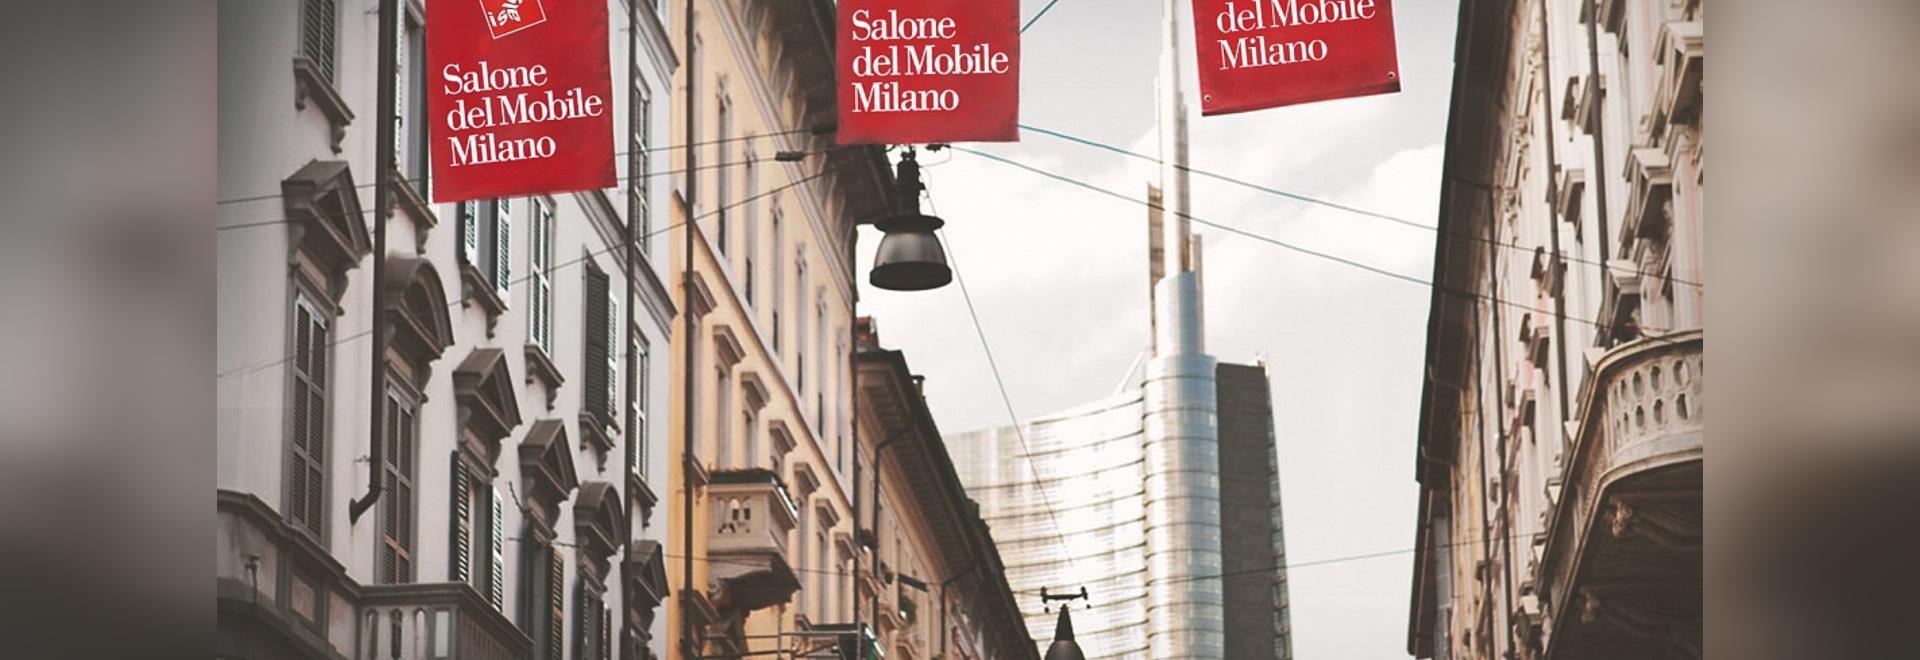 Mailand 2017: Die Junge u. international anerkannt